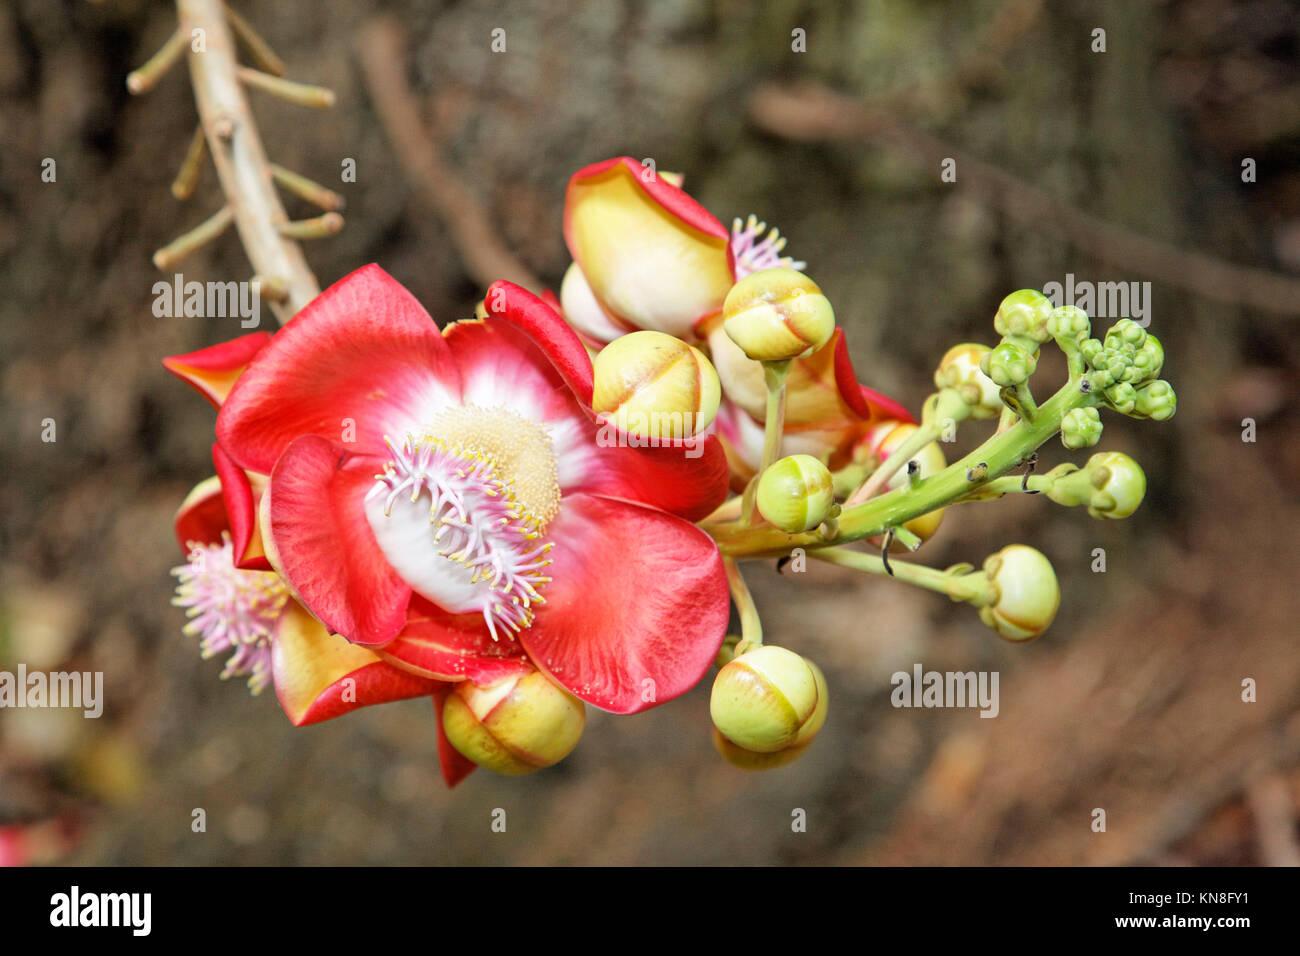 Cannonball Baum Blume, Botanischer Garten, Mahe, Seychellen Stockbild